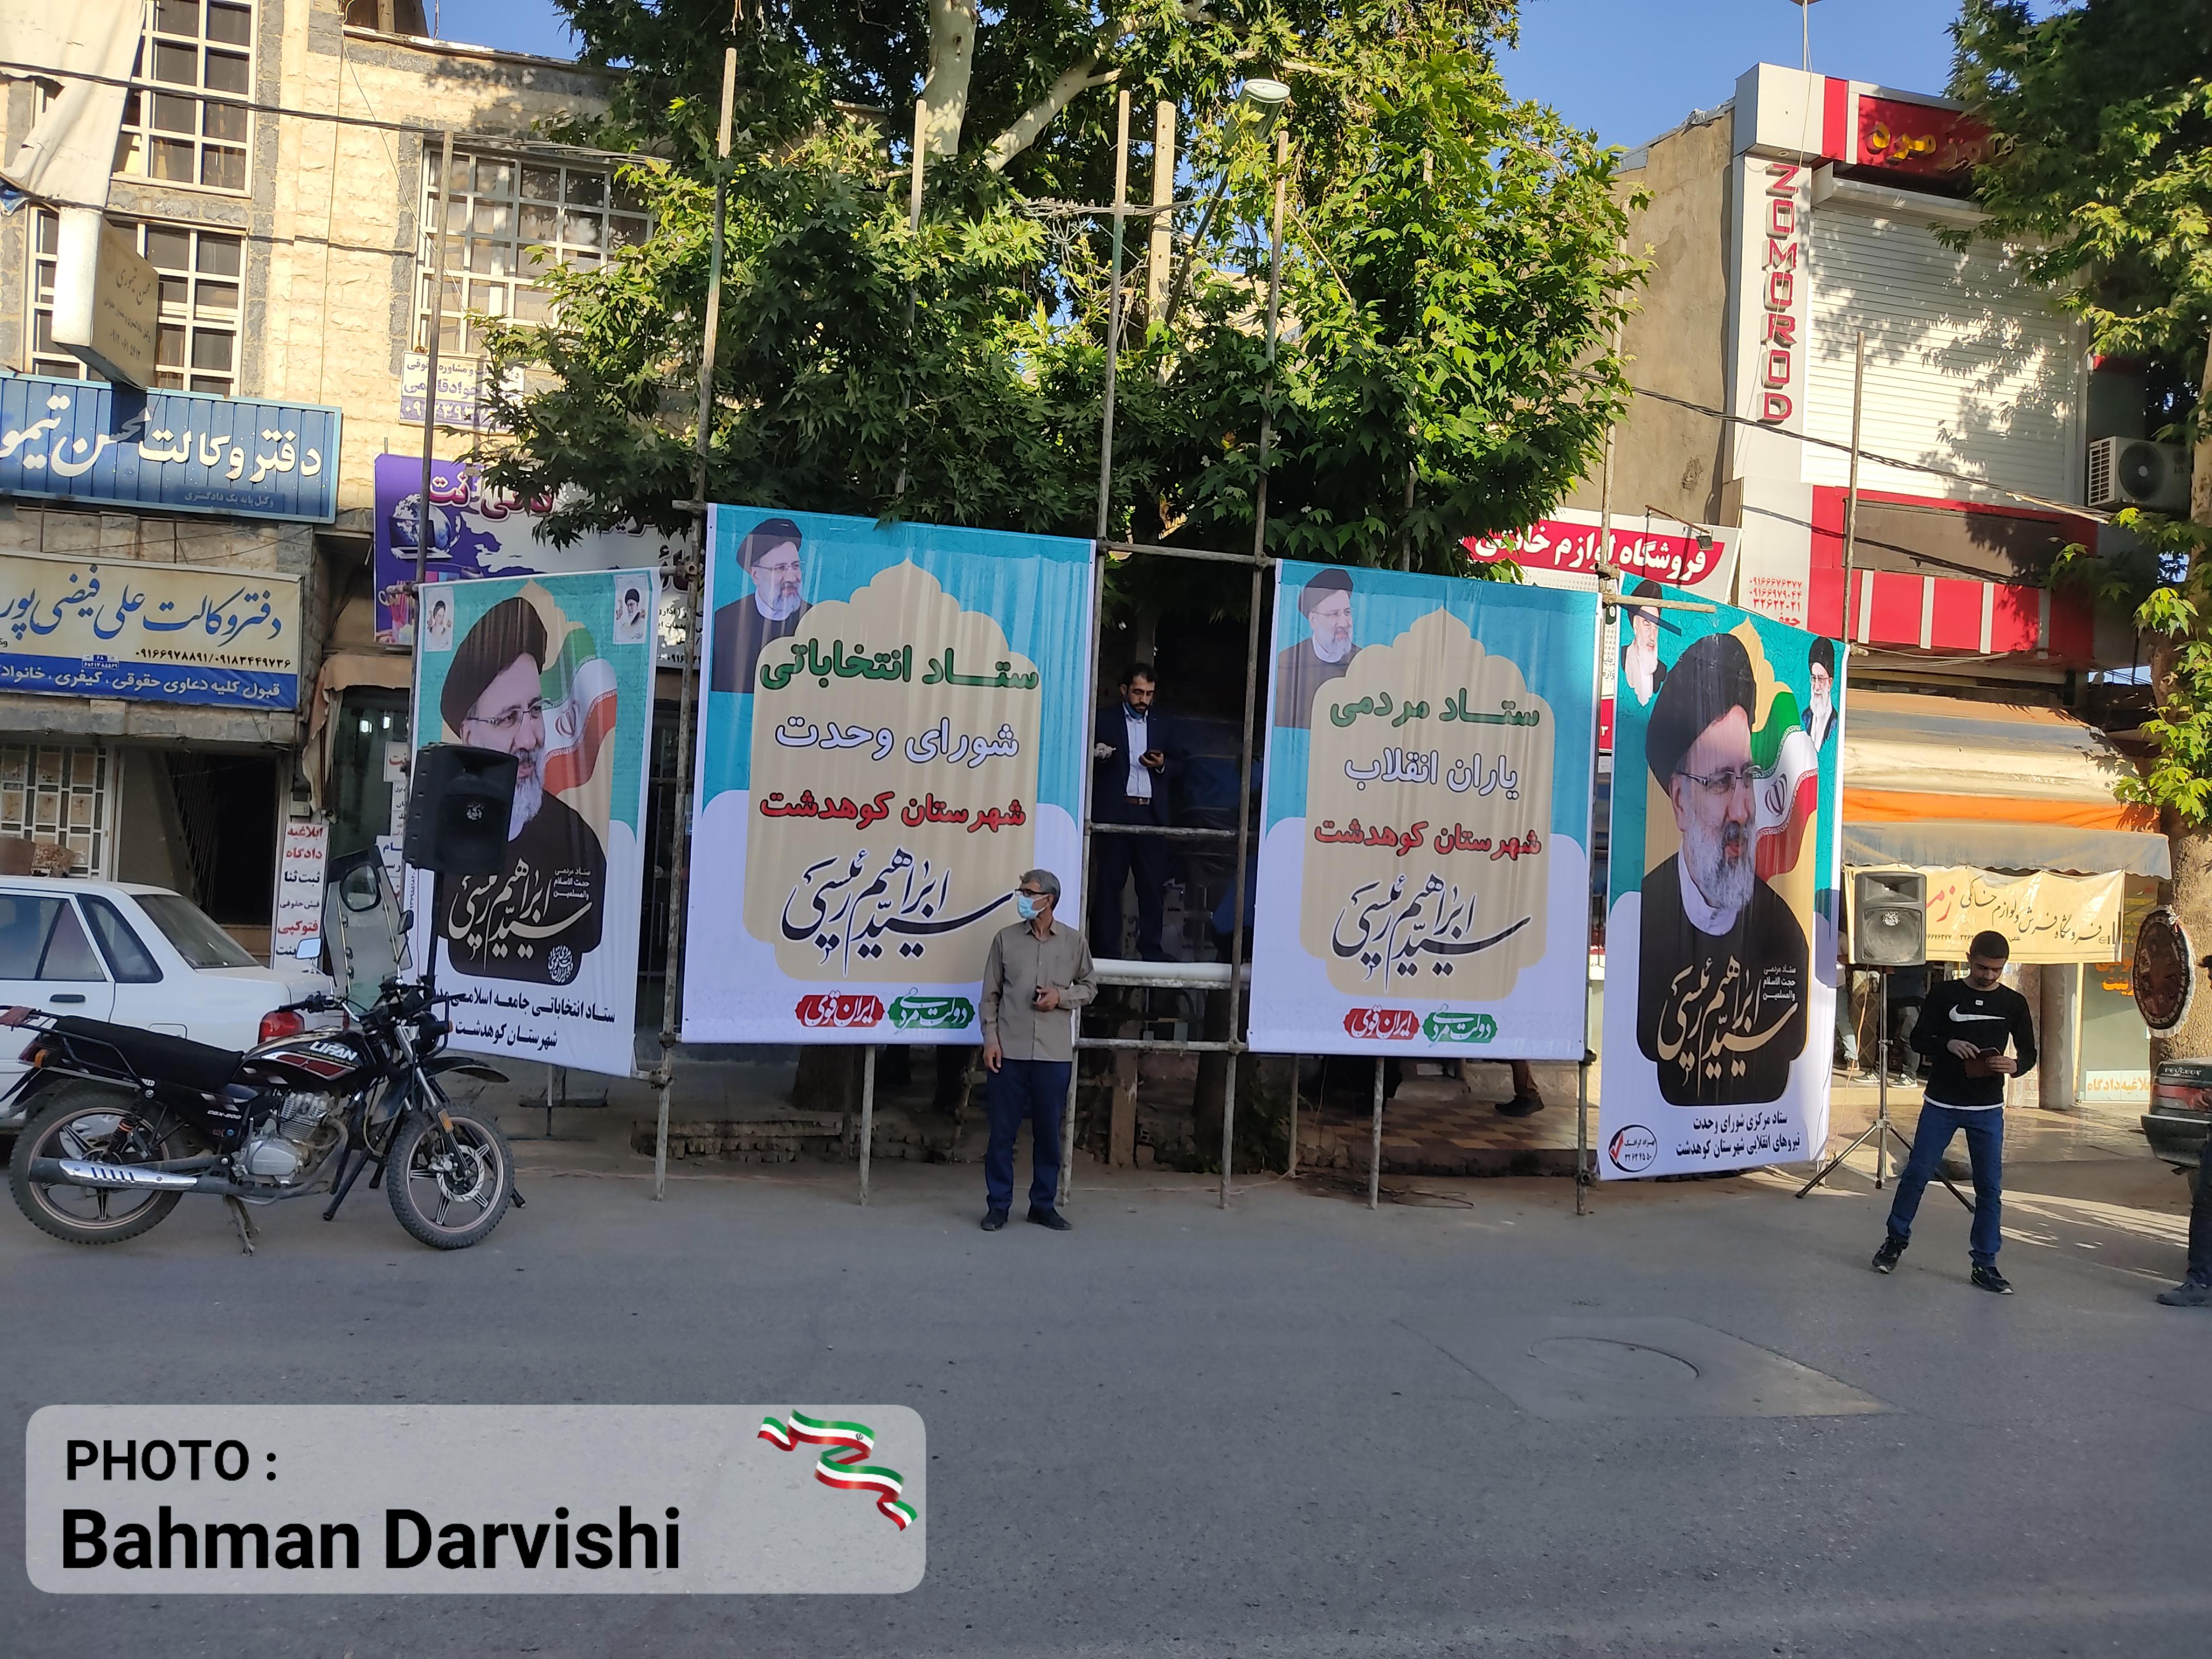 ستاد انتخاباتی شورای وحدت اصولگرایان آیت الله رئیسی درشهرستان کوهدشت افتتاح شد